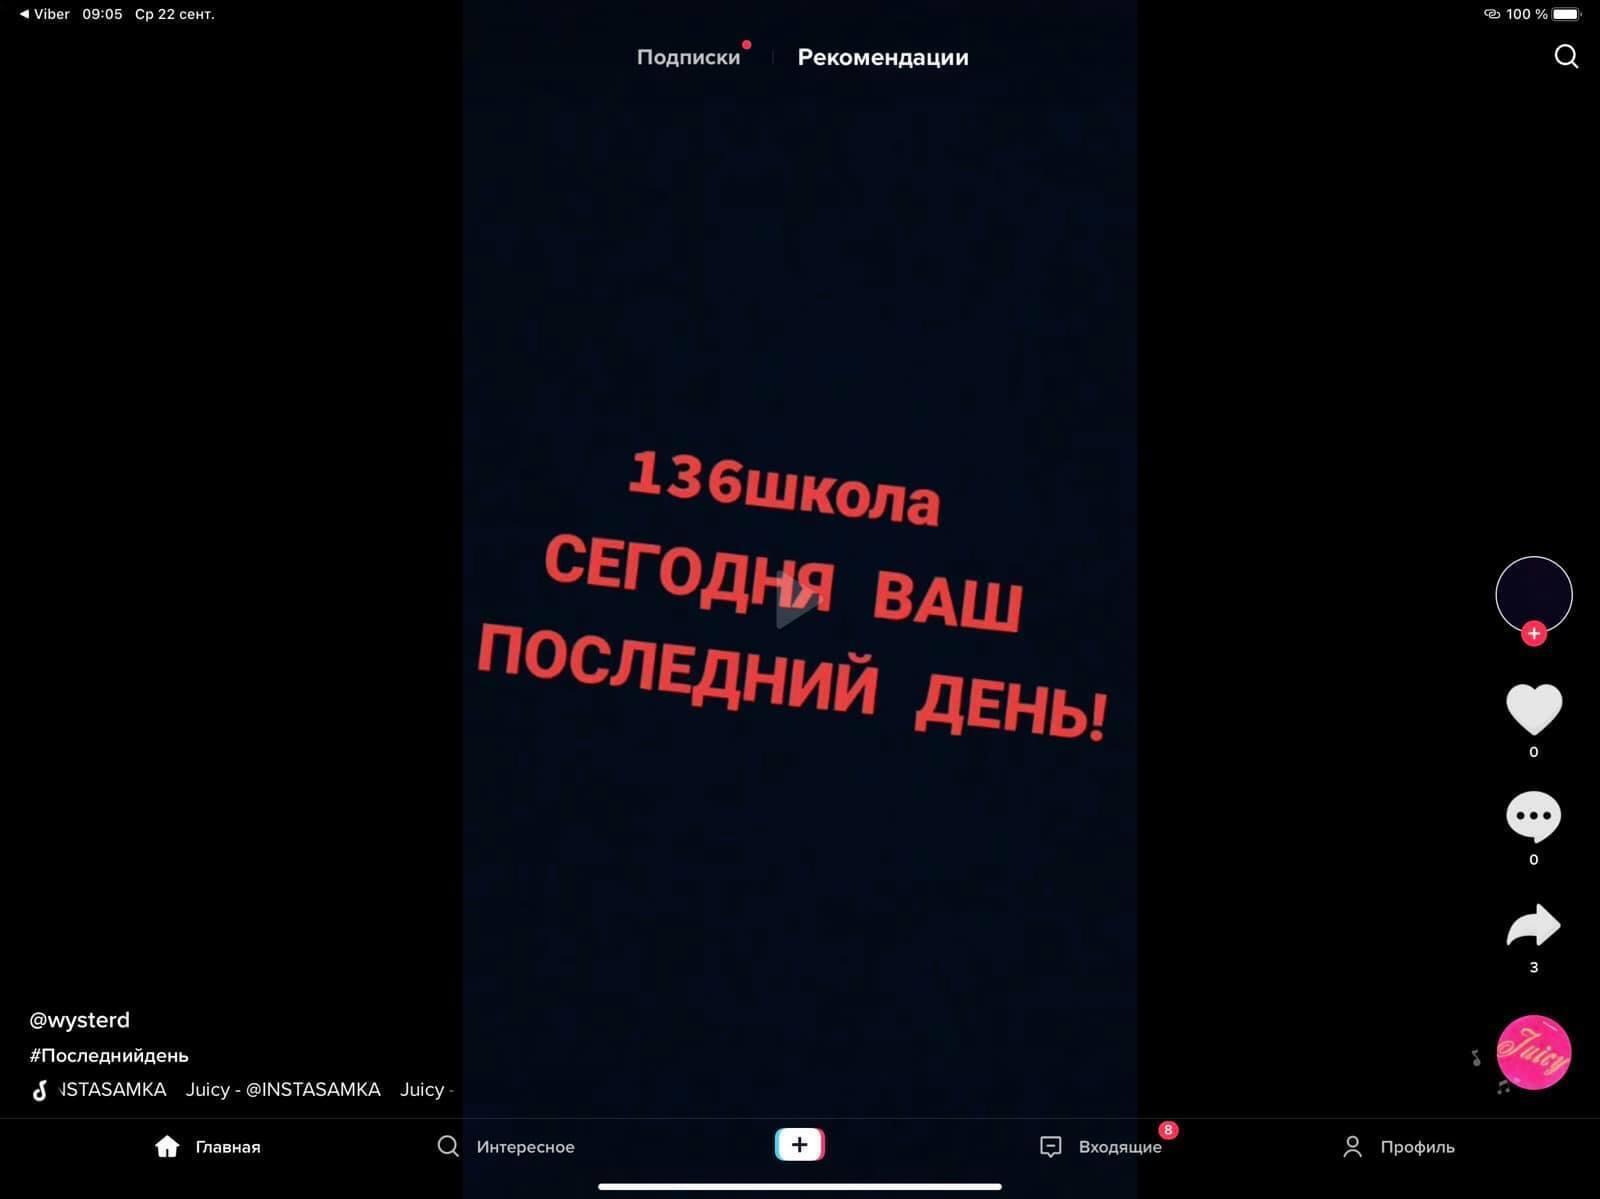 Неизвестный распространил видео с угрозами школе